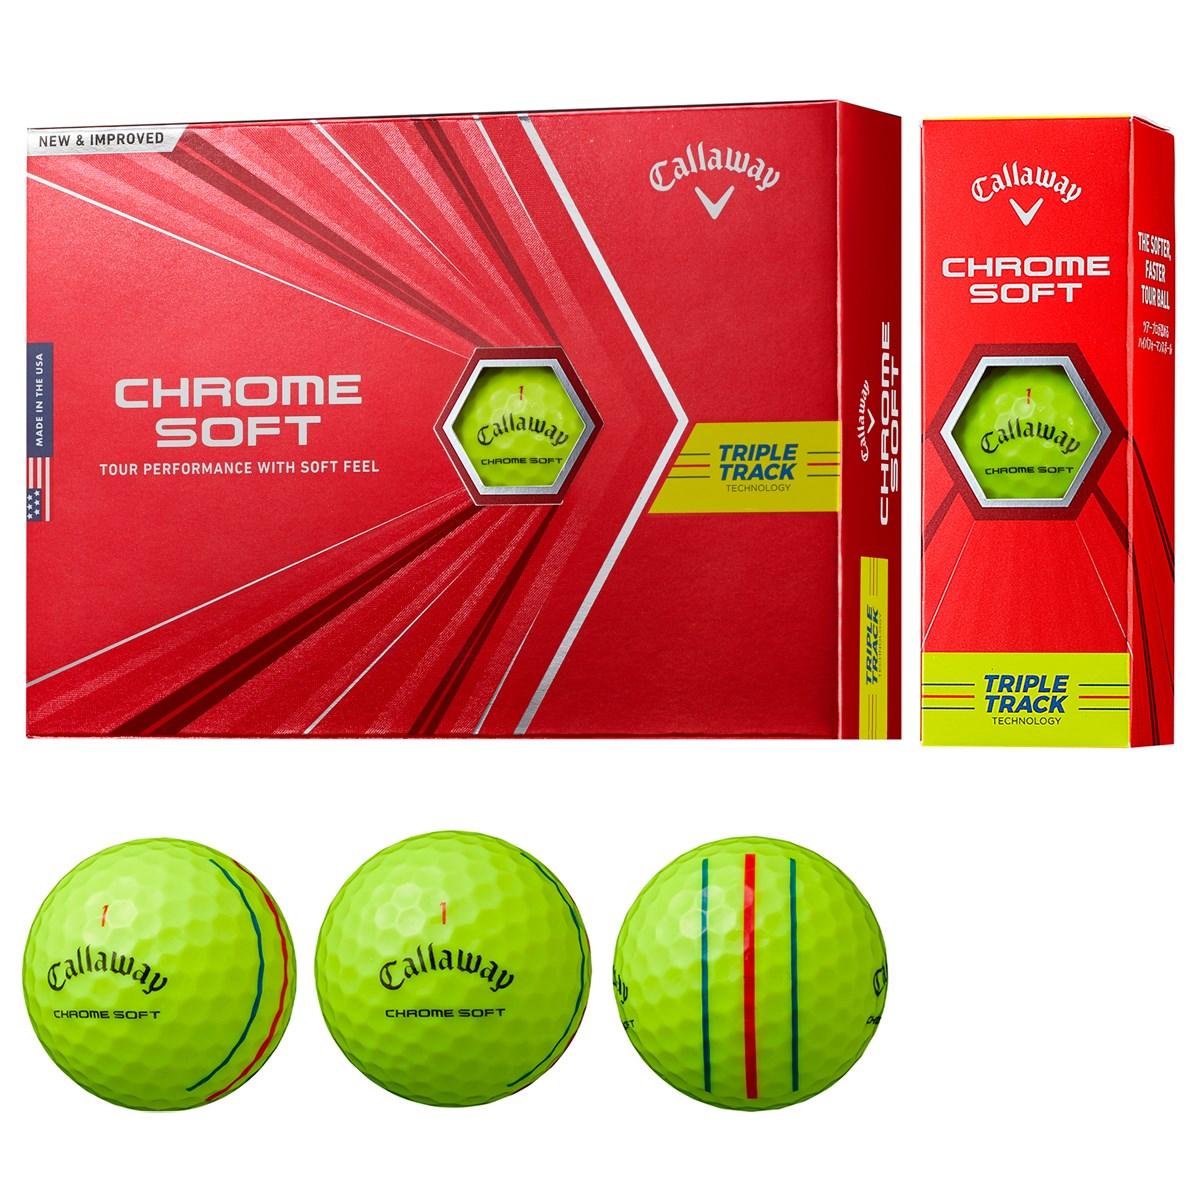 キャロウェイゴルフ CHROM SOFT CHROME SOFT ボール 1ダース(12個入り) イエロー(トリプルトラック)